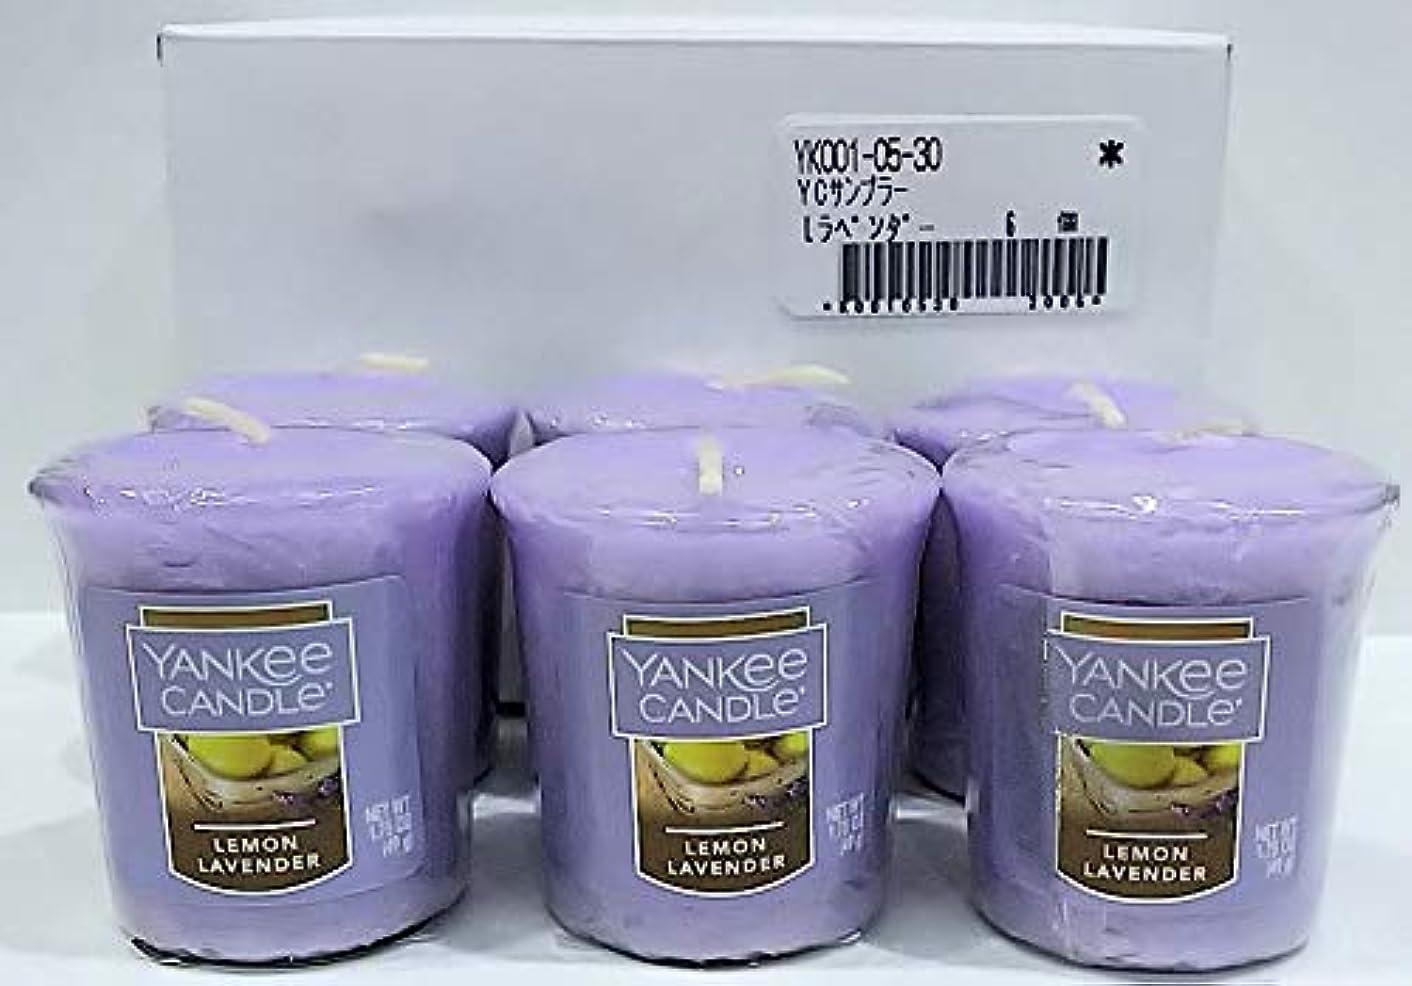 拒絶プログラム説教ヤンキーキャンドル サンプラー お試しサイズ レモンラベンダー 6個セット 燃焼時間約15時間 YANKEECANDLE アメリカ製